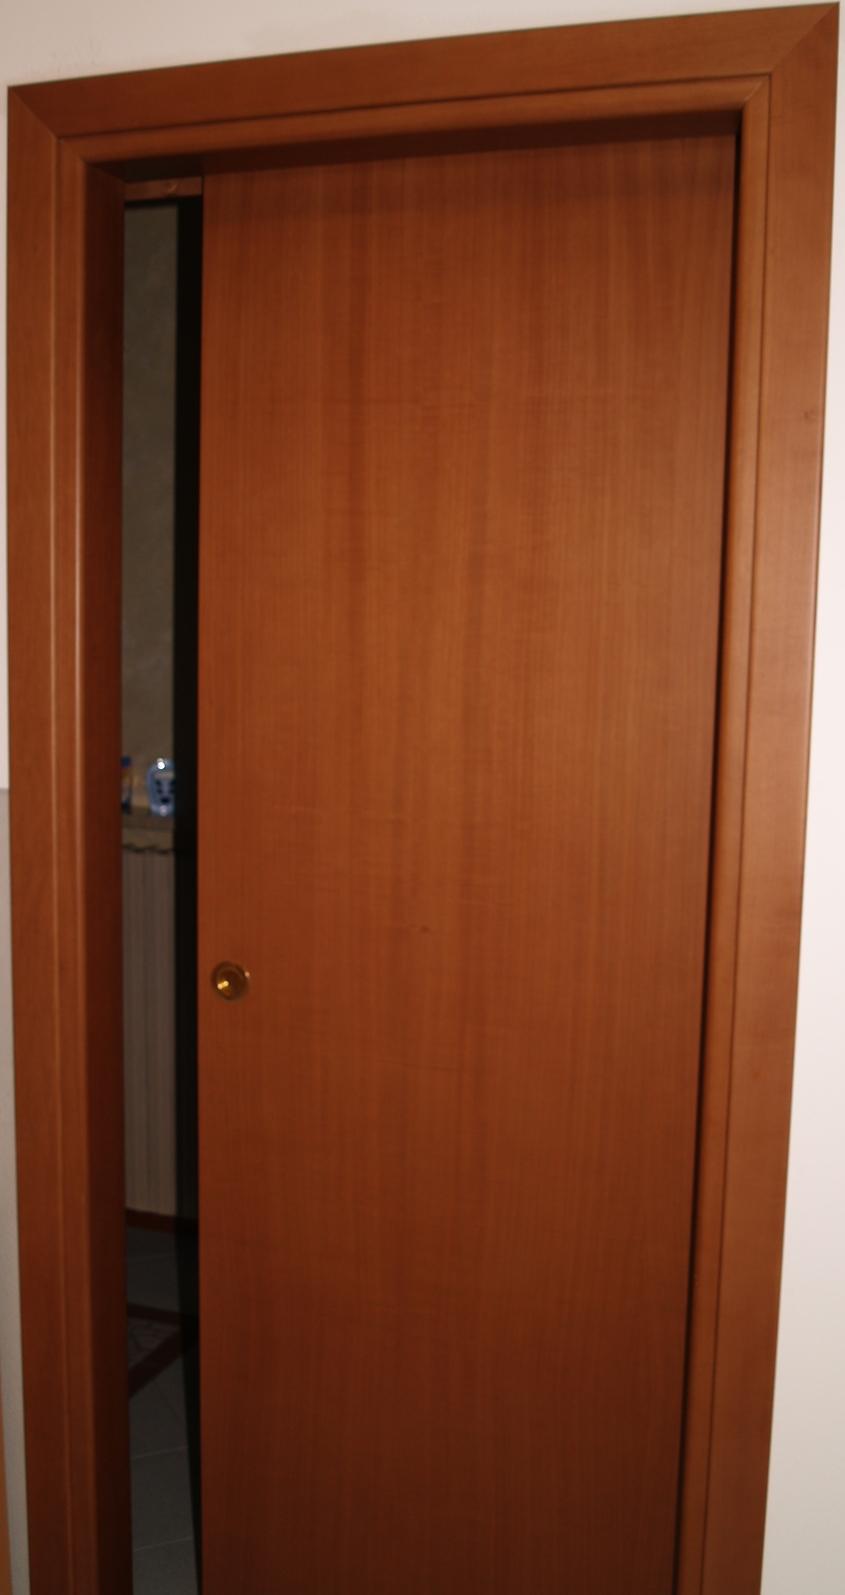 V8 serramenti e infissi finestre risparmio energetico - Porte interne obi ...